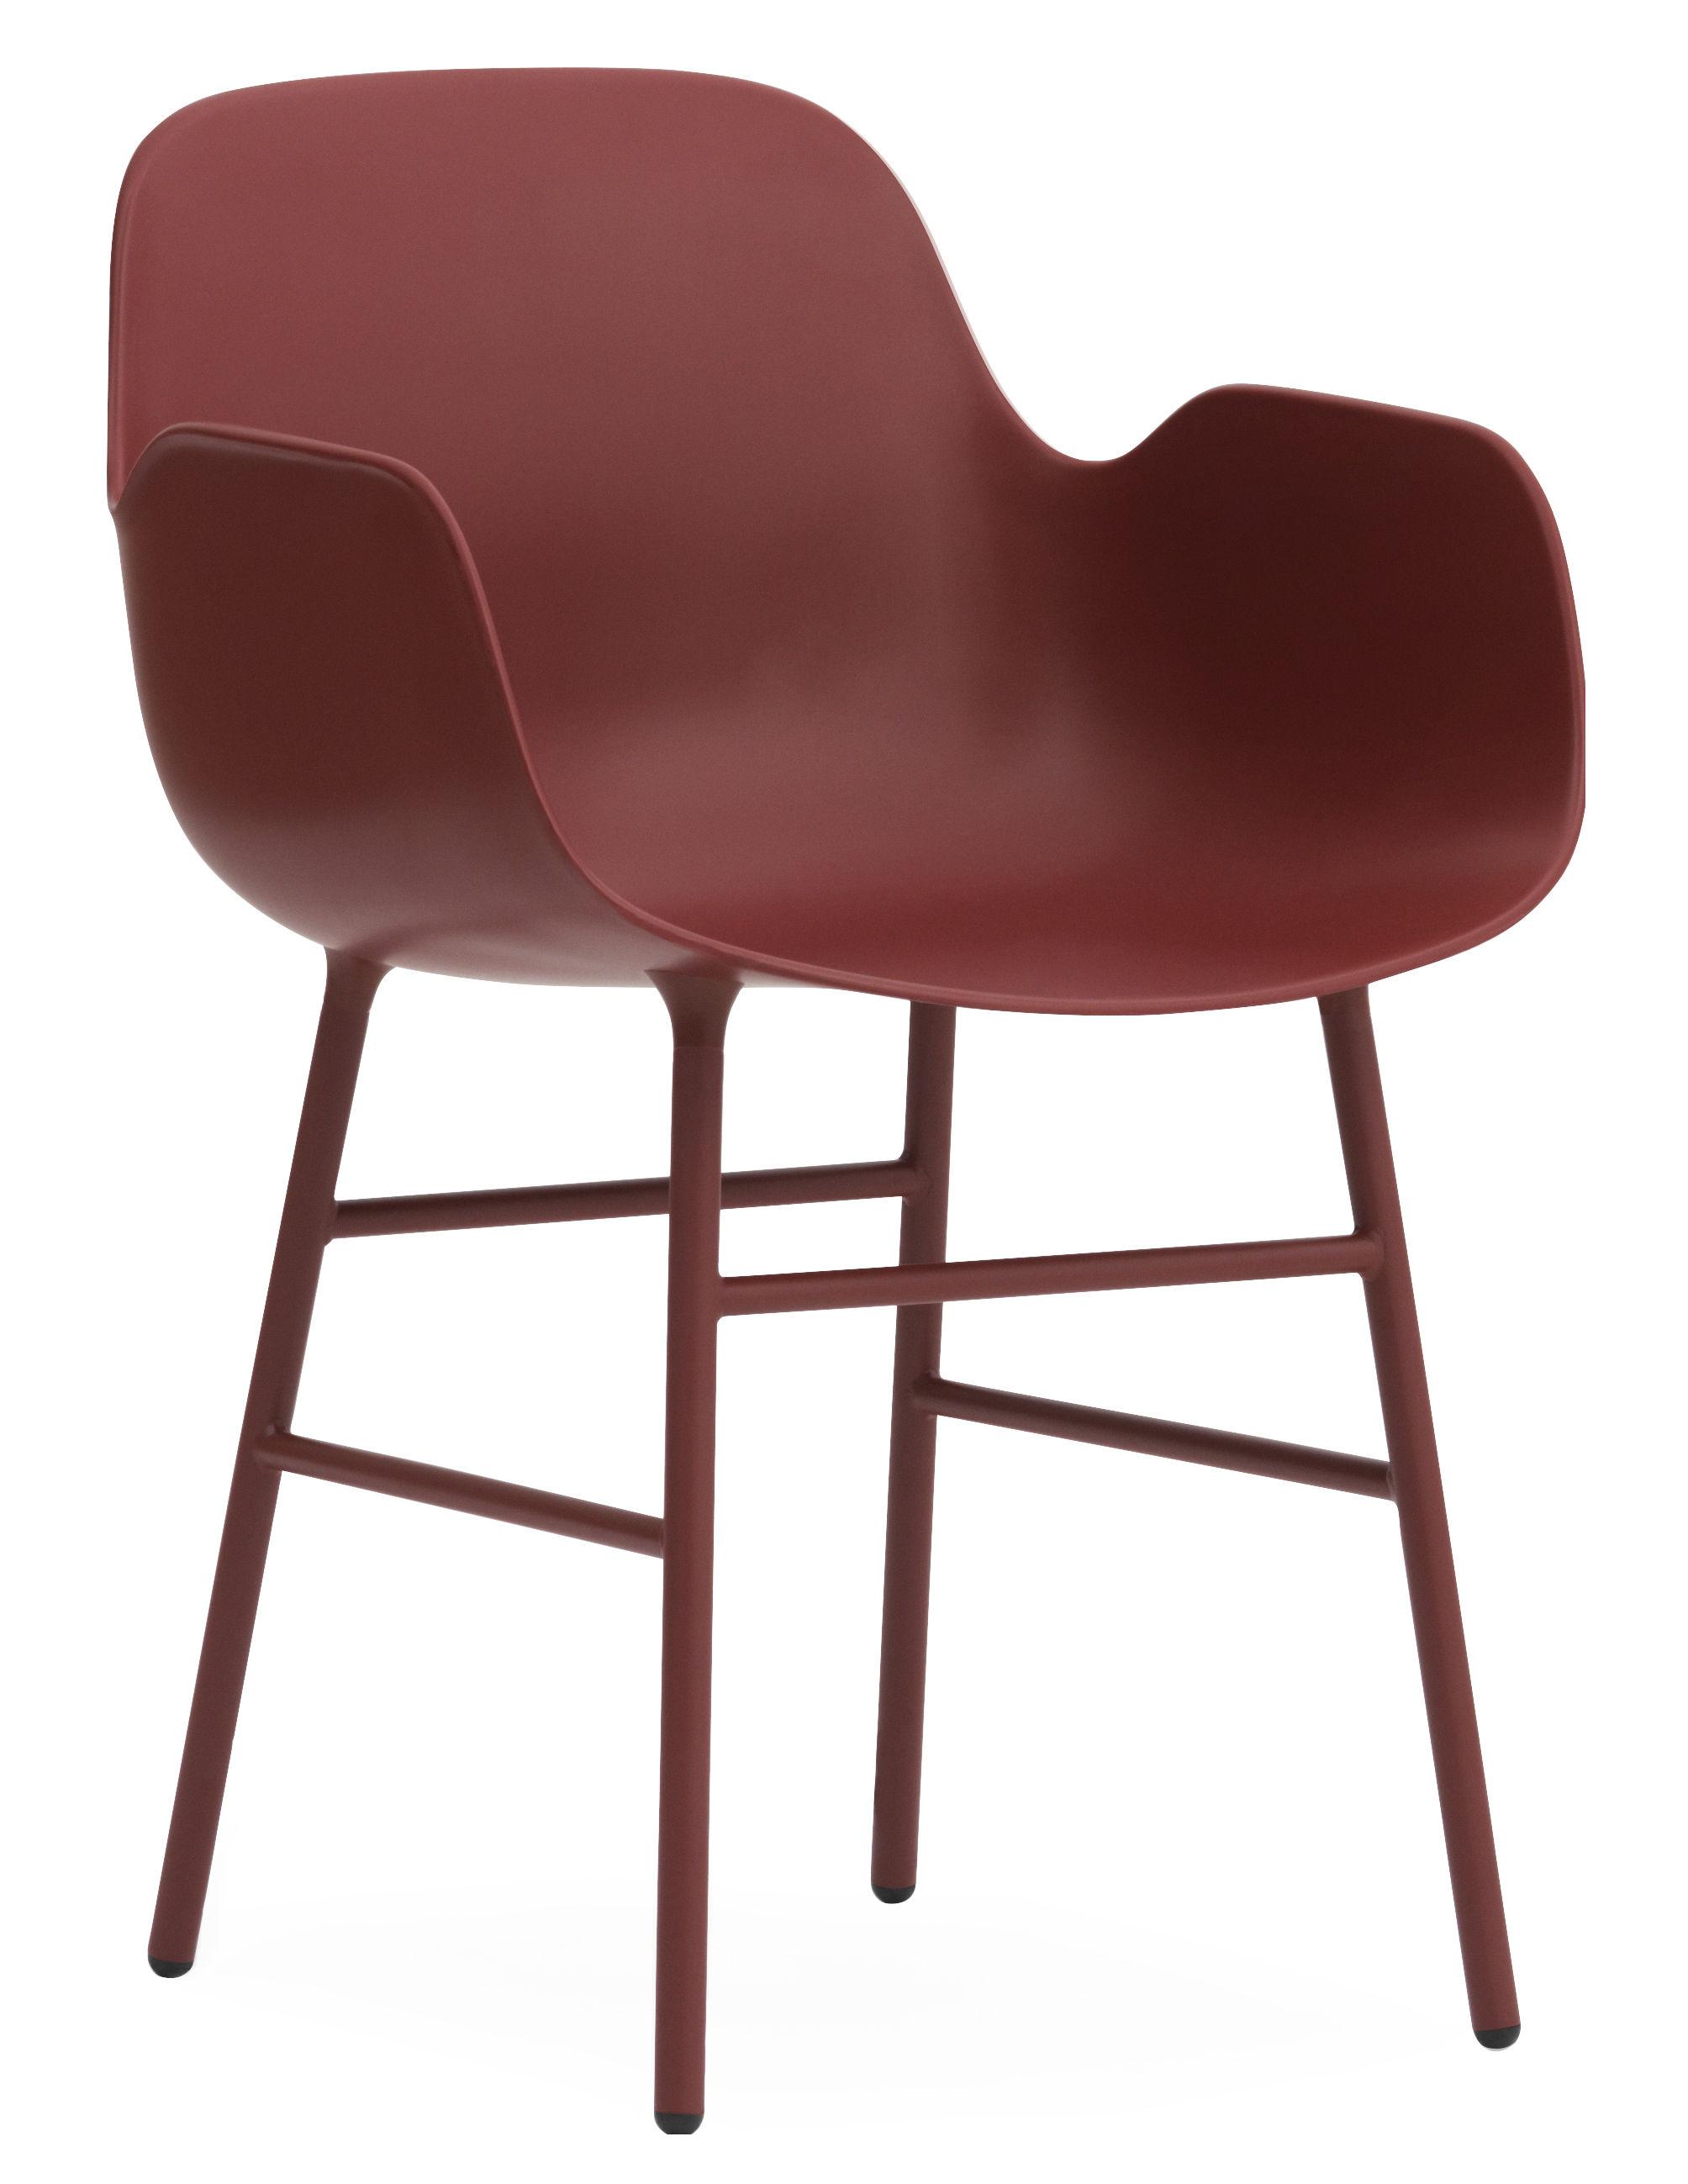 fauteuil form pied m tal rouge normann copenhagen. Black Bedroom Furniture Sets. Home Design Ideas